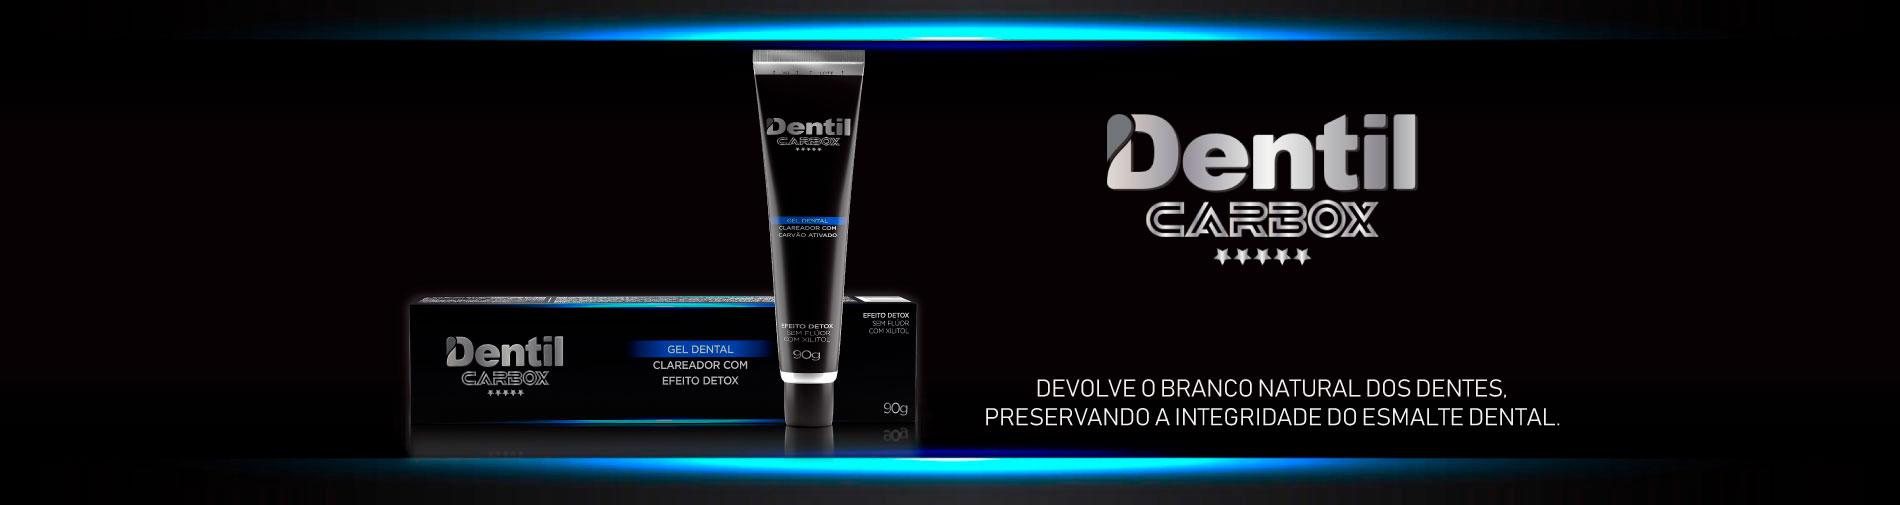 Dentil Carbox